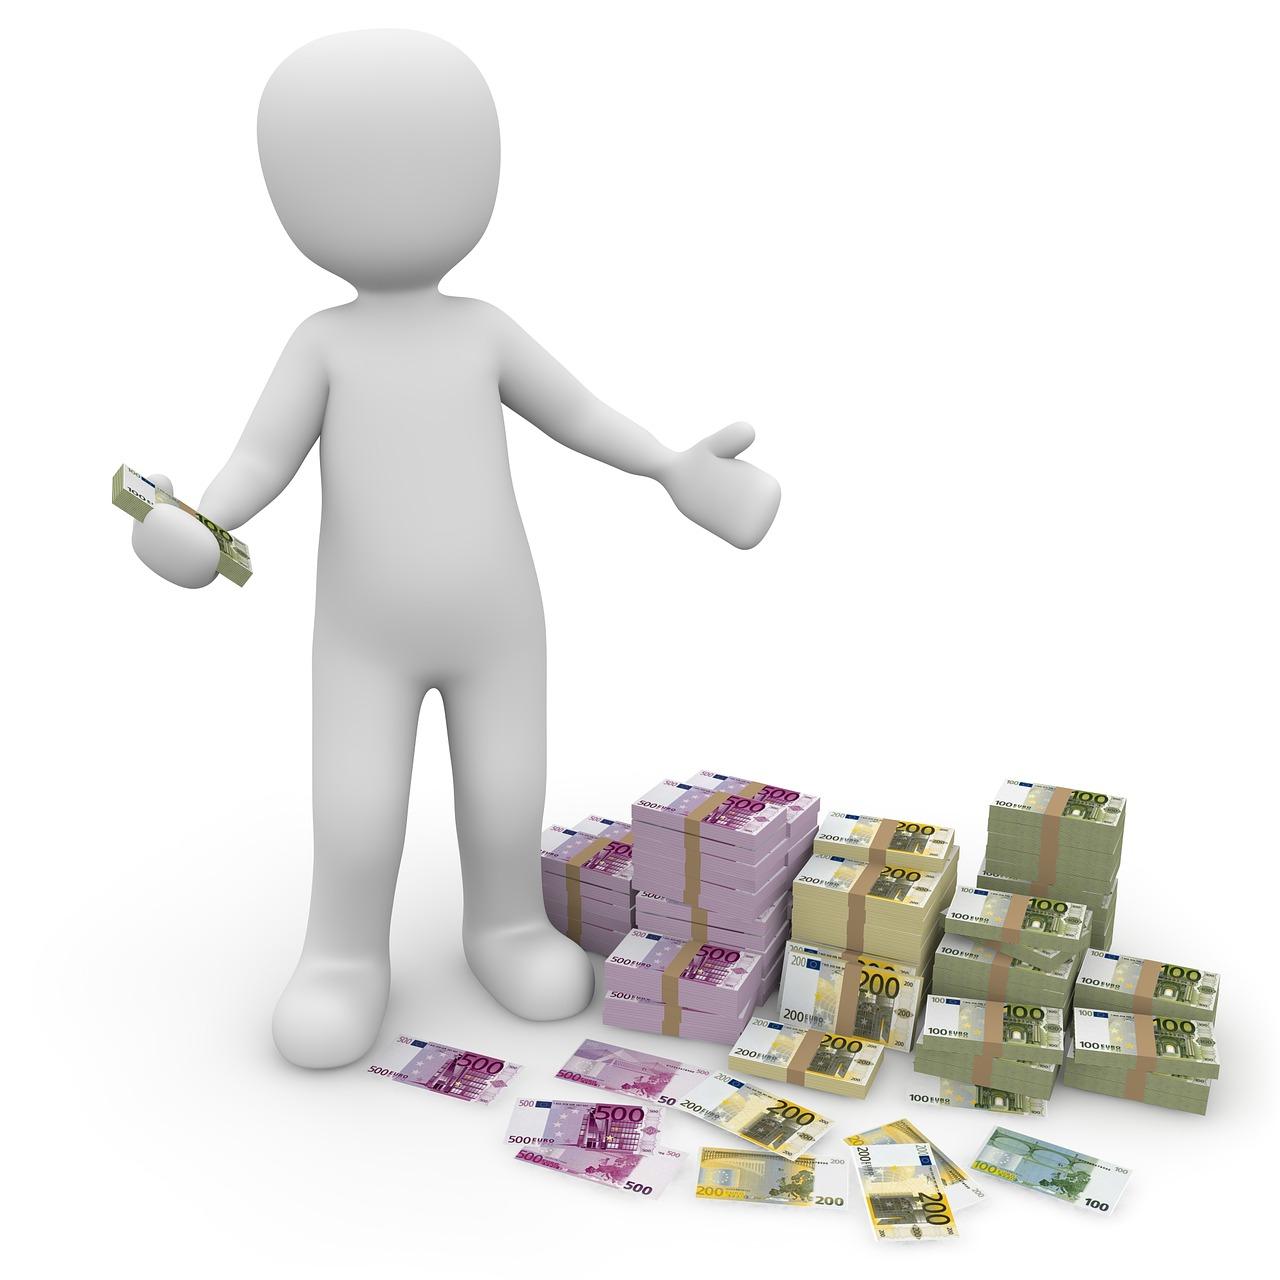 Картинка для презентации деньги